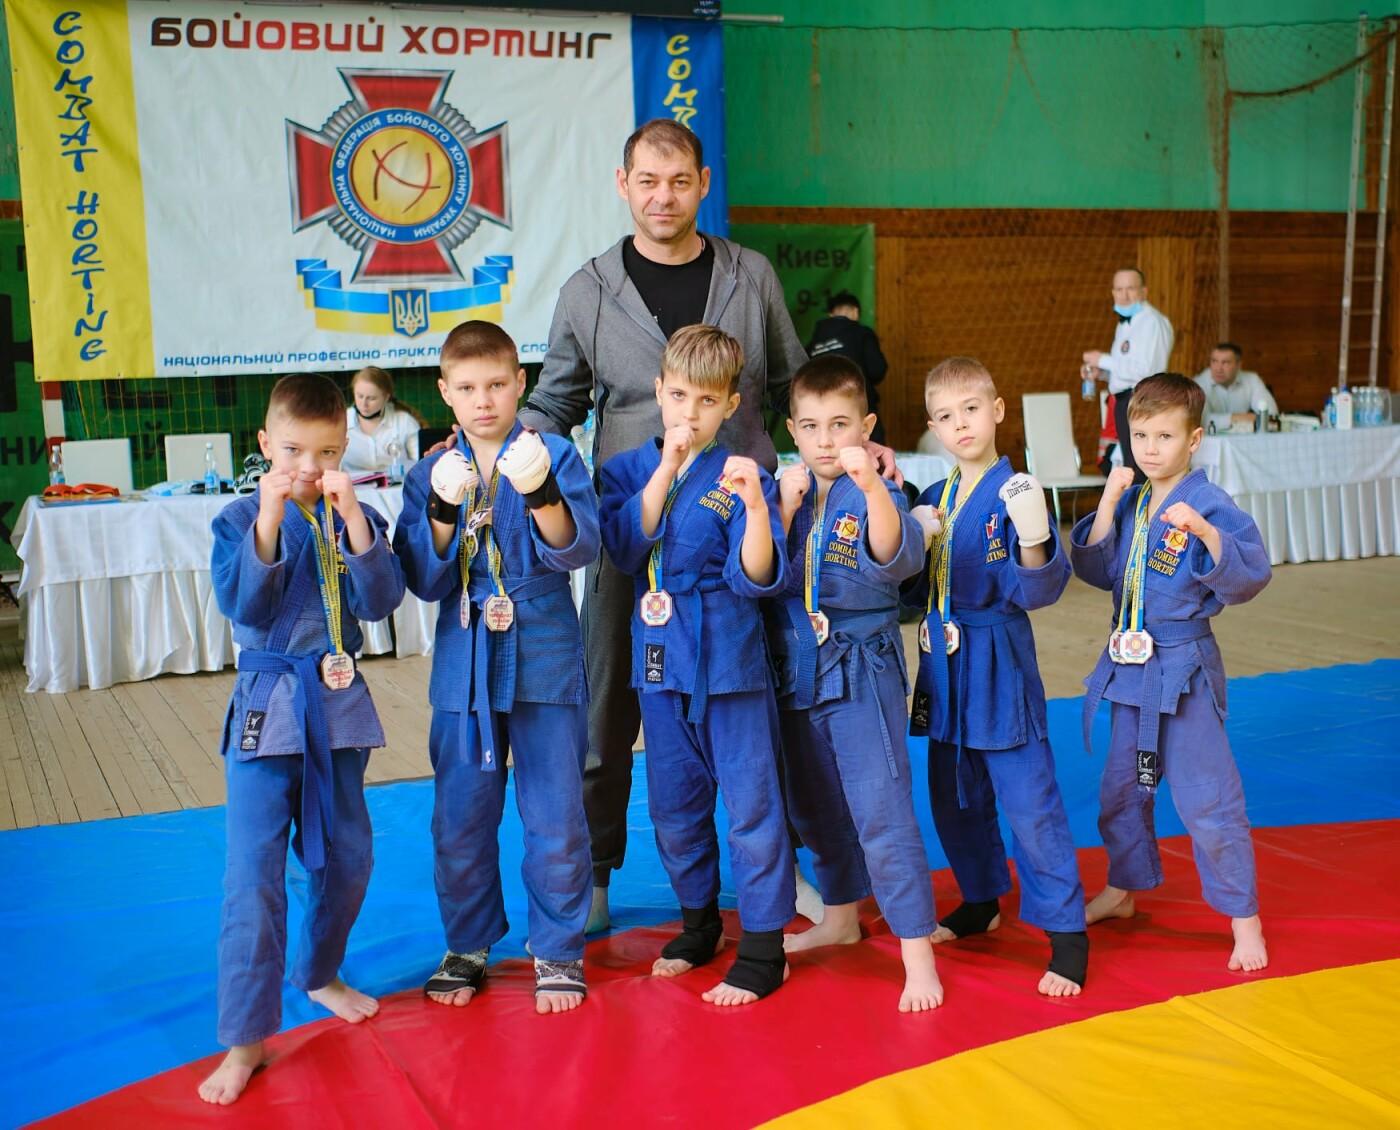 Бердянские спортсмены привезли 36 медалей с Чемпионата Украины по боевому хортингу (ФОТО), фото-1